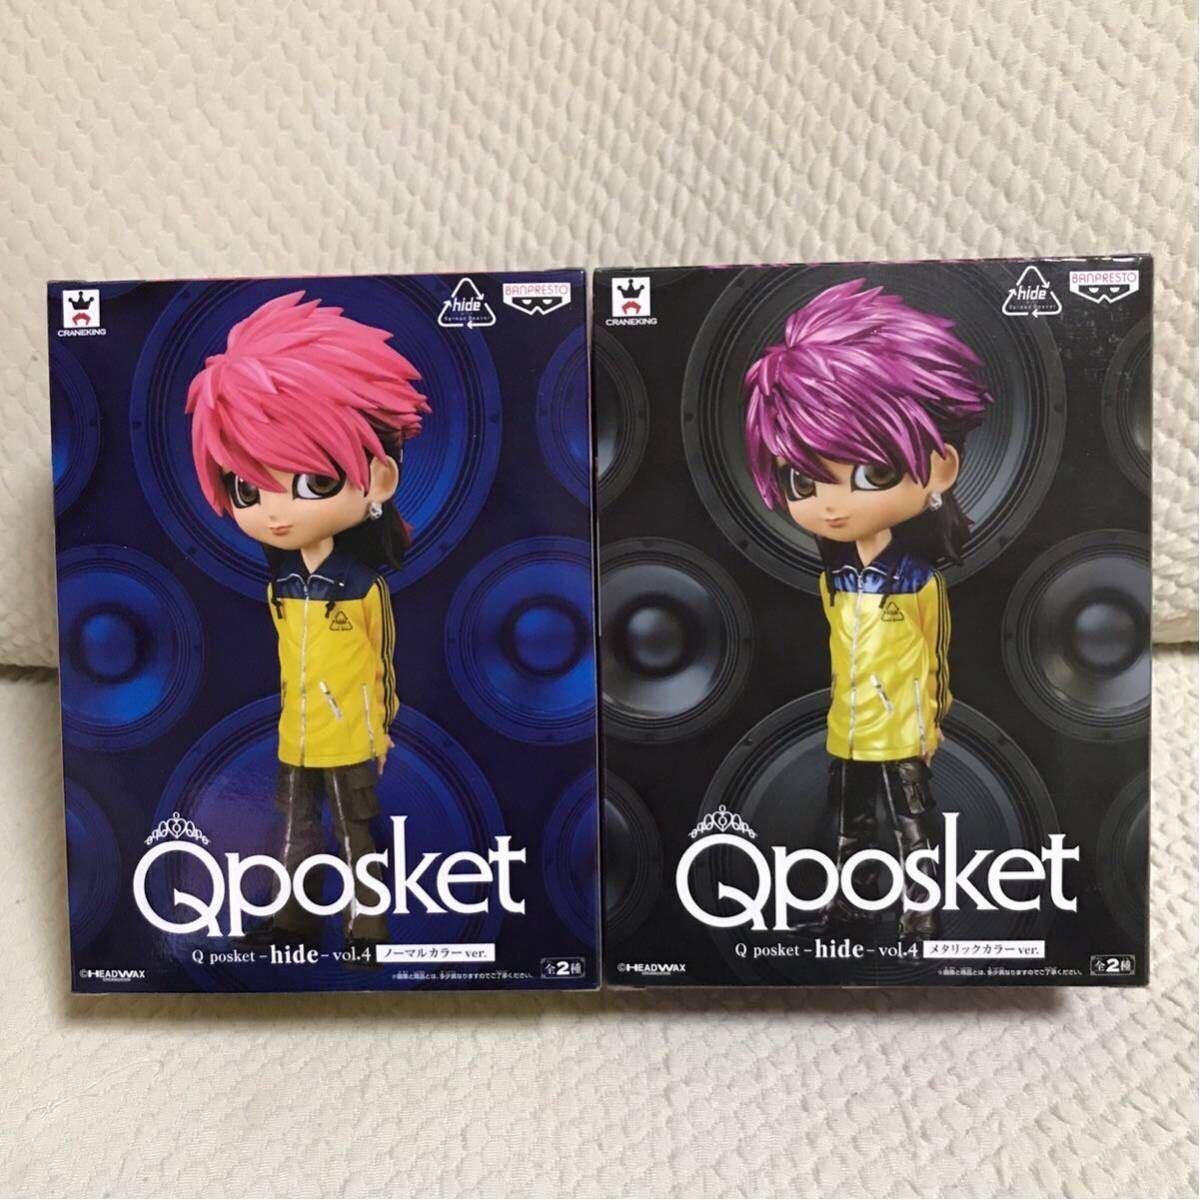 ★Qposket-hide-vol.4 ノーマルカラー・メタリックカラー 全2種★